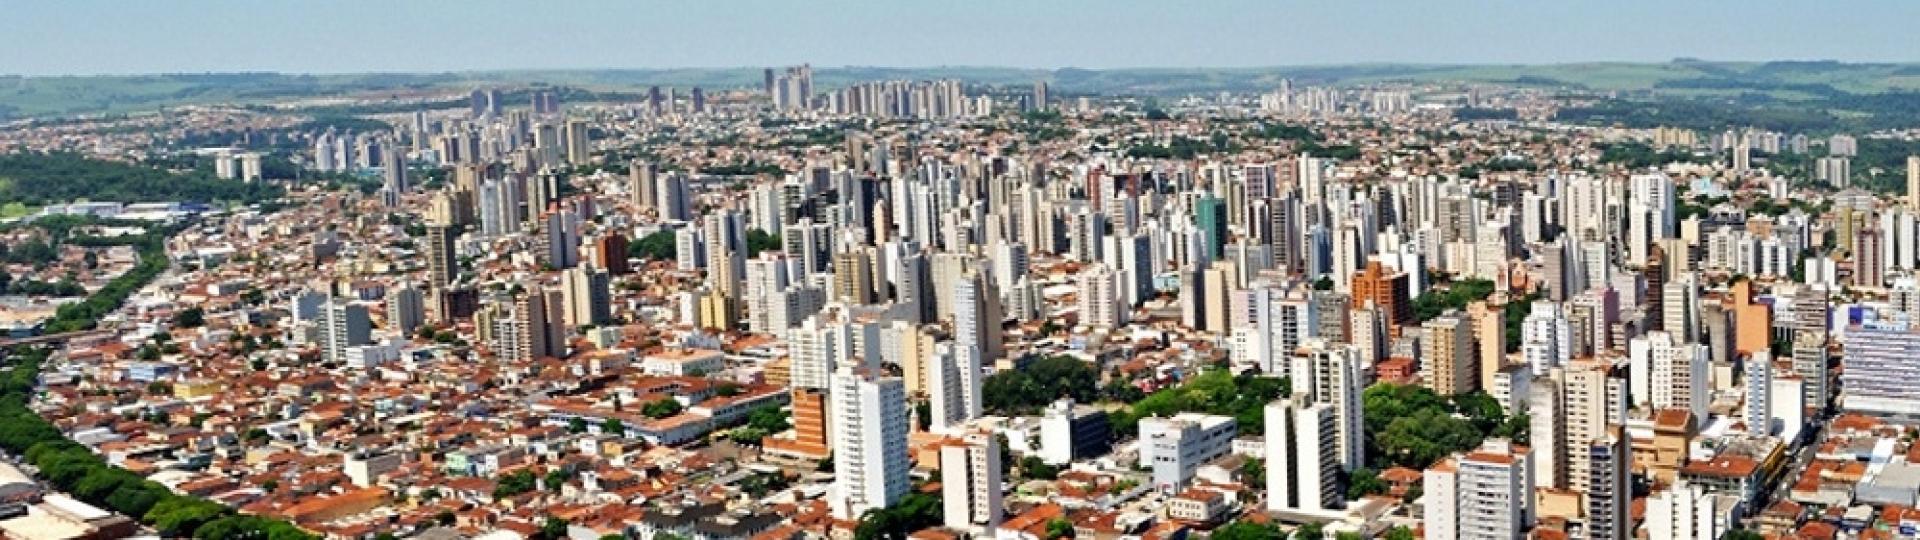 Ribeirão Preto 150 anos: muito para comemorar